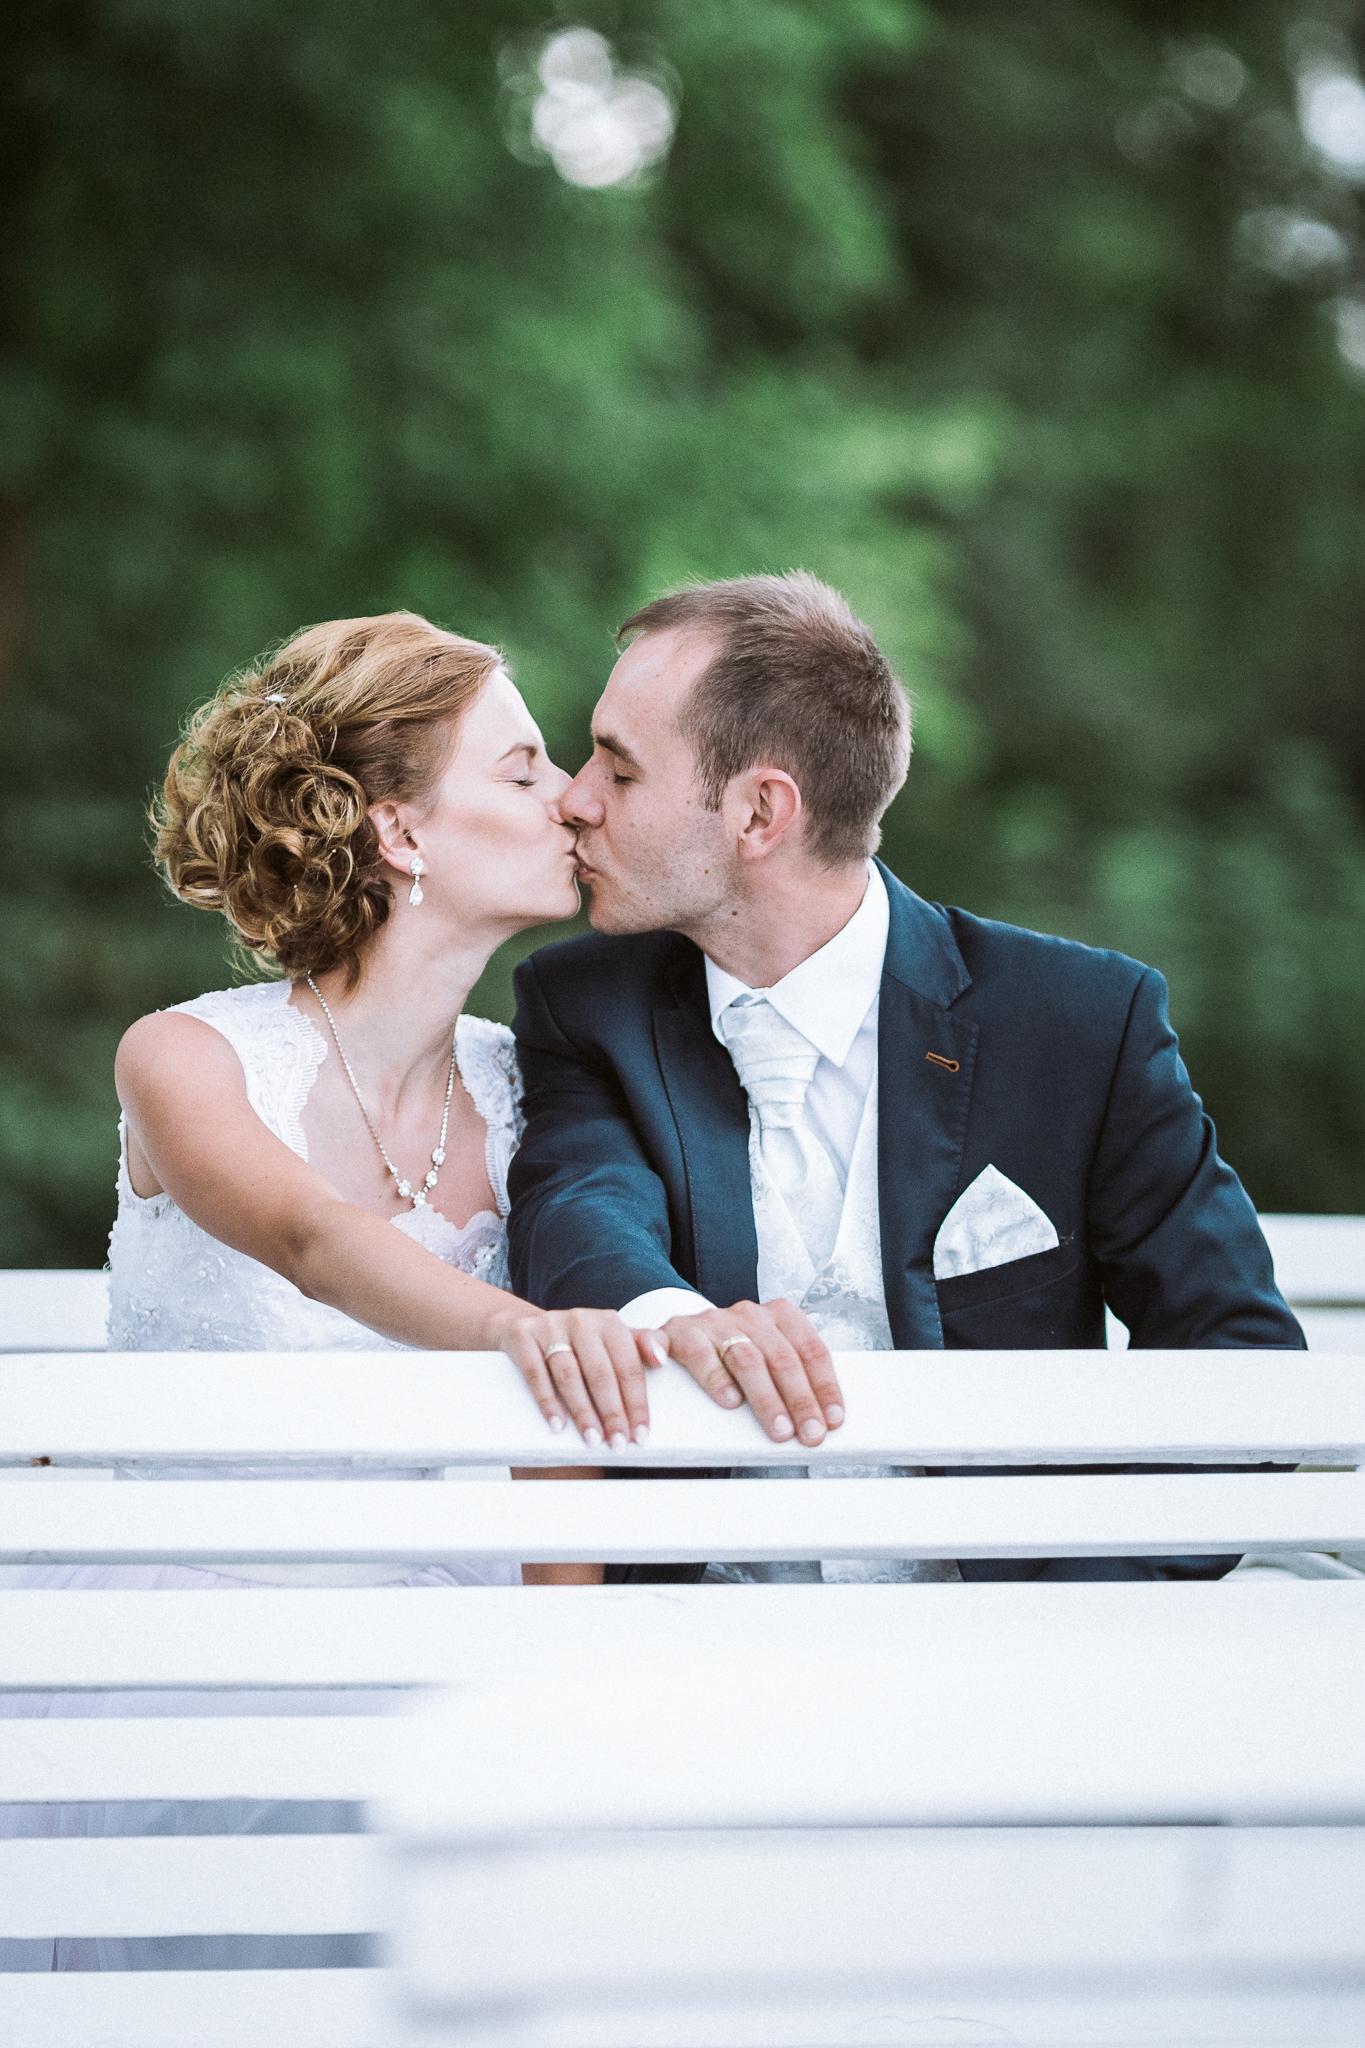 FylepPhoto, esküvőfotós, esküvői fotós Körmend, Szombathely, esküvőfotózás, magyarország, vas megye, prémium, jegyesfotózás, Fülöp Péter, körmend, kreatív, fotográfus_37-2.jpg